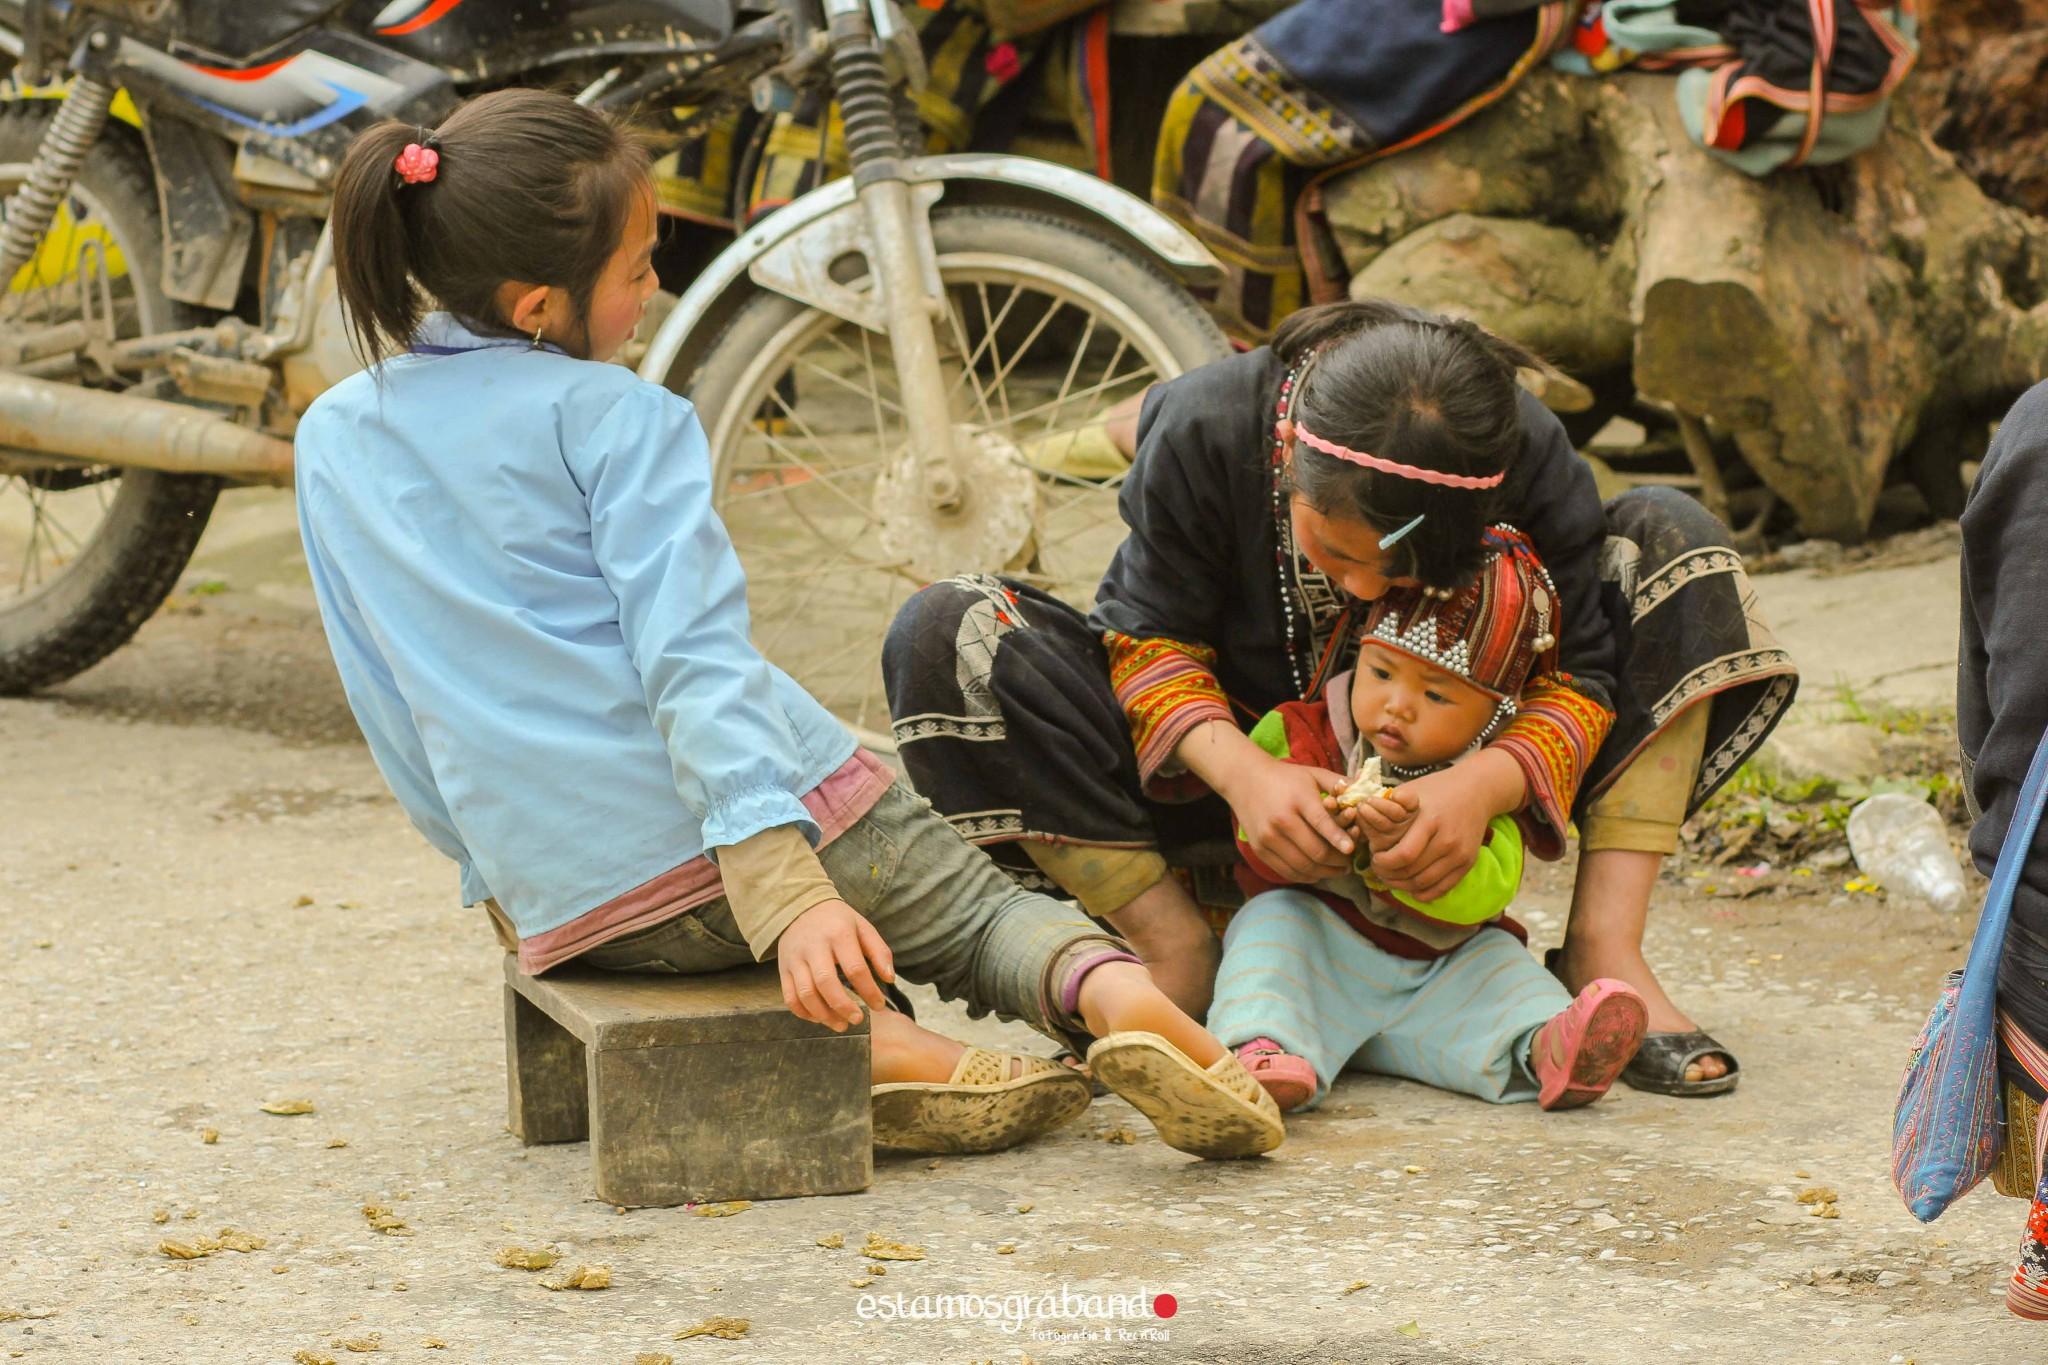 reportaje-vietnam_fotograficc81a-vietnam_estamosgrabando-vietnam_rutasvietnam_reportaje-retratos-fotos-vietnam_fotografia-vietnam_reportaje-estamosgrabando-fotograficc81a-vietnam-30 Pequeños grandes recuerdos de Vietnam en 100 imágenes - video boda cadiz